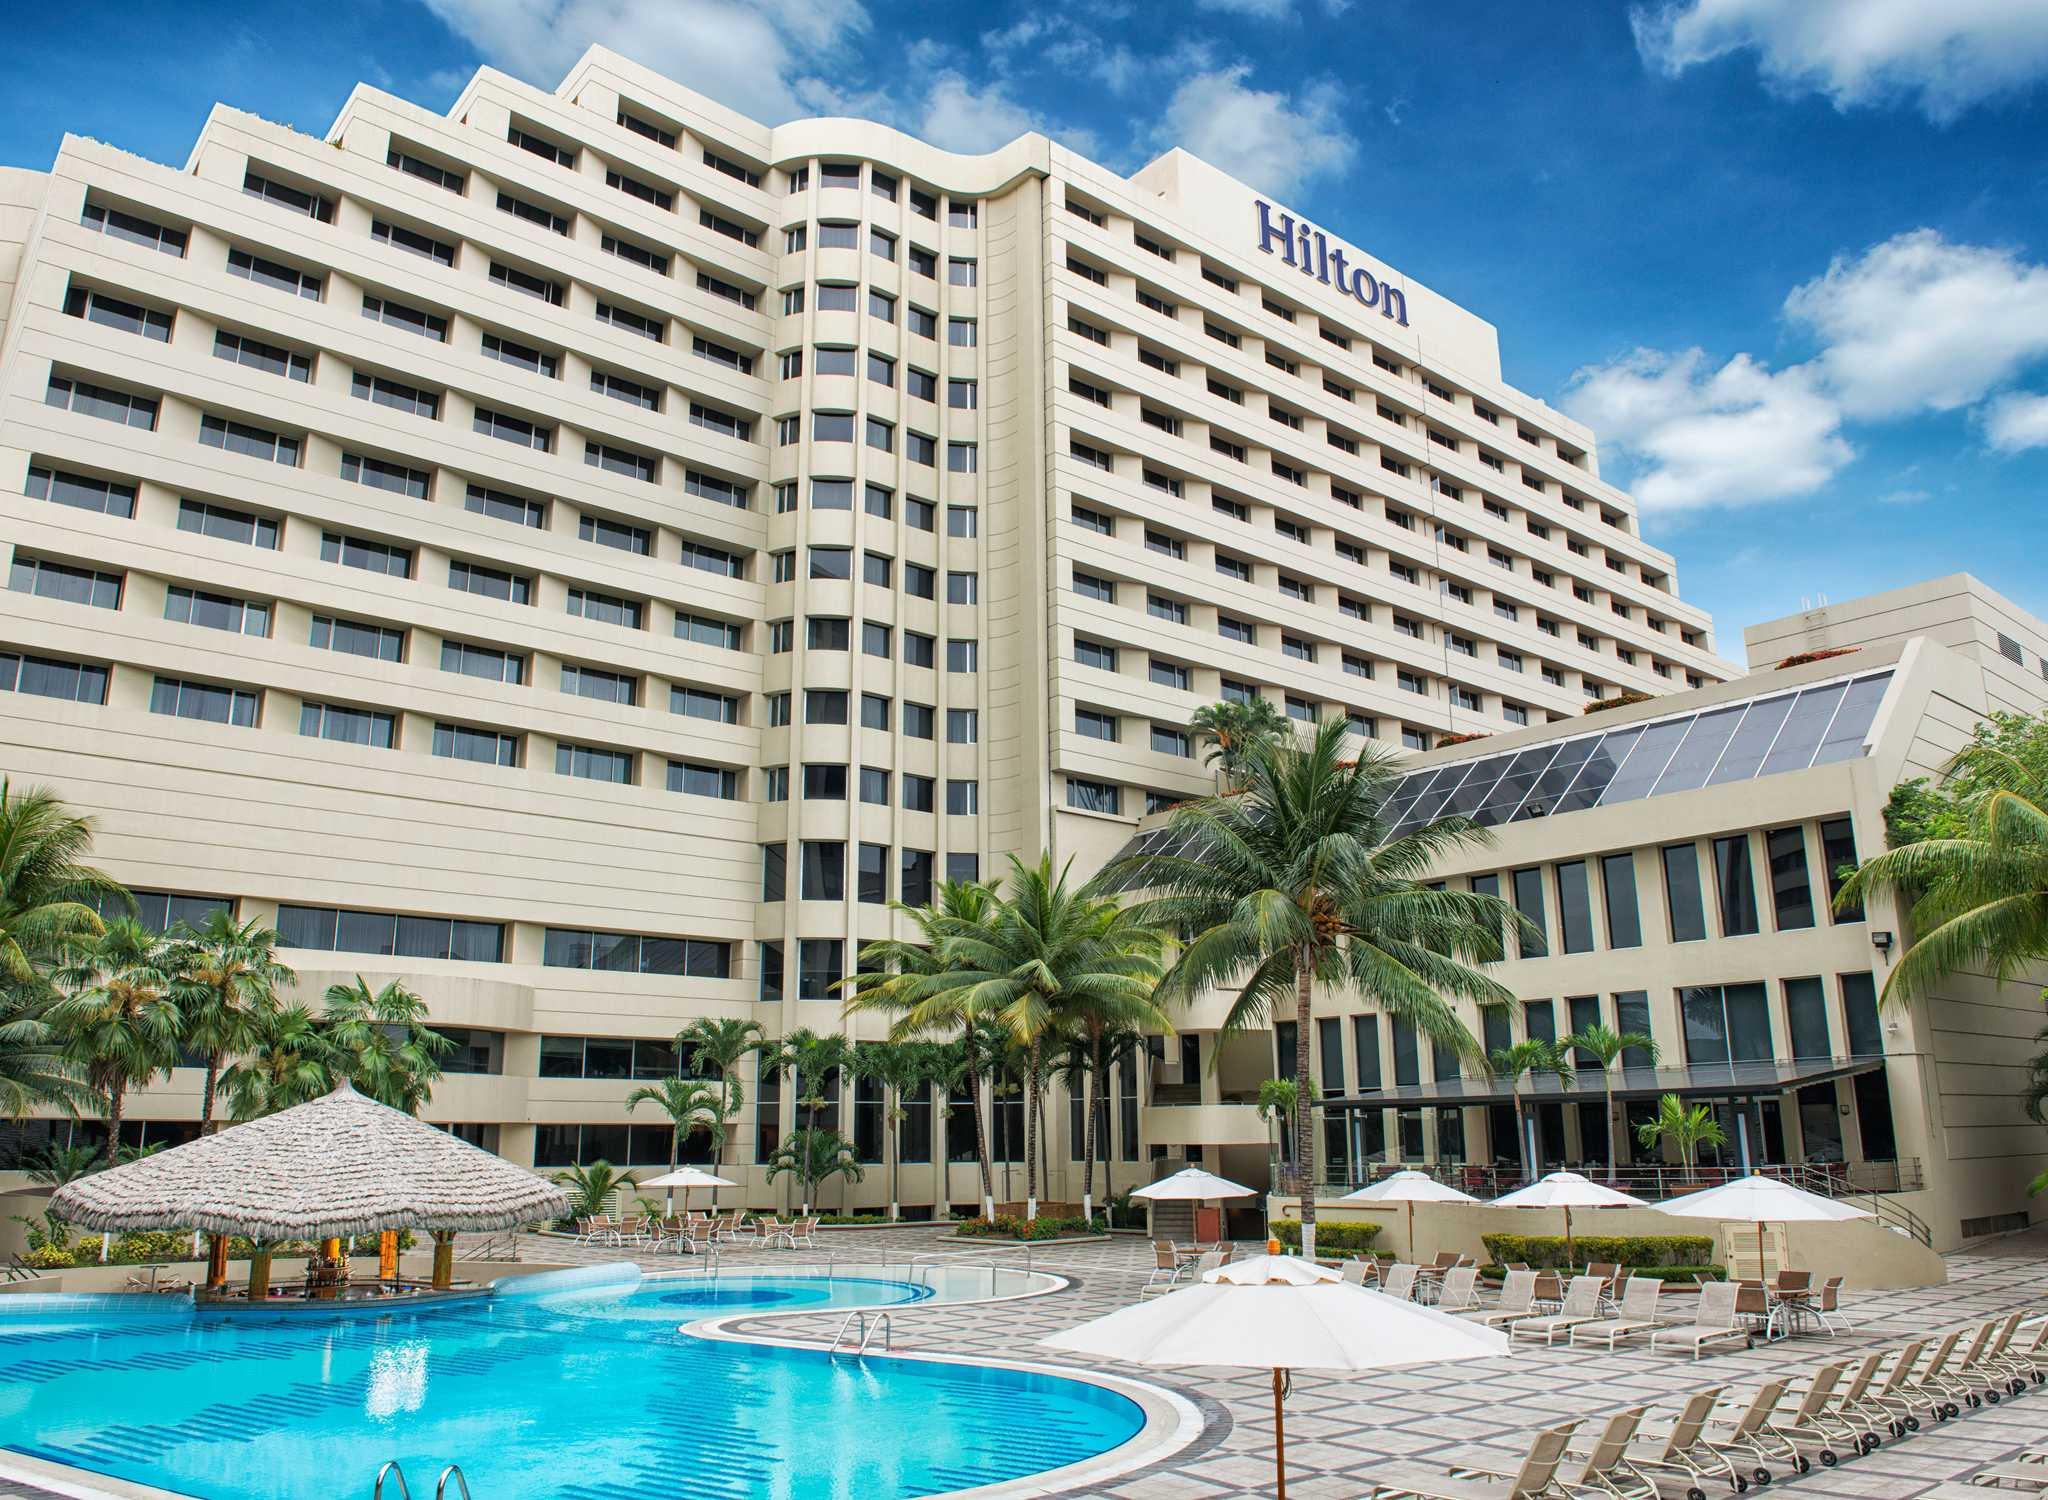 Hoteles en Ecuador - Quito, Guayaquil - Hilton Ecuador - photo#11